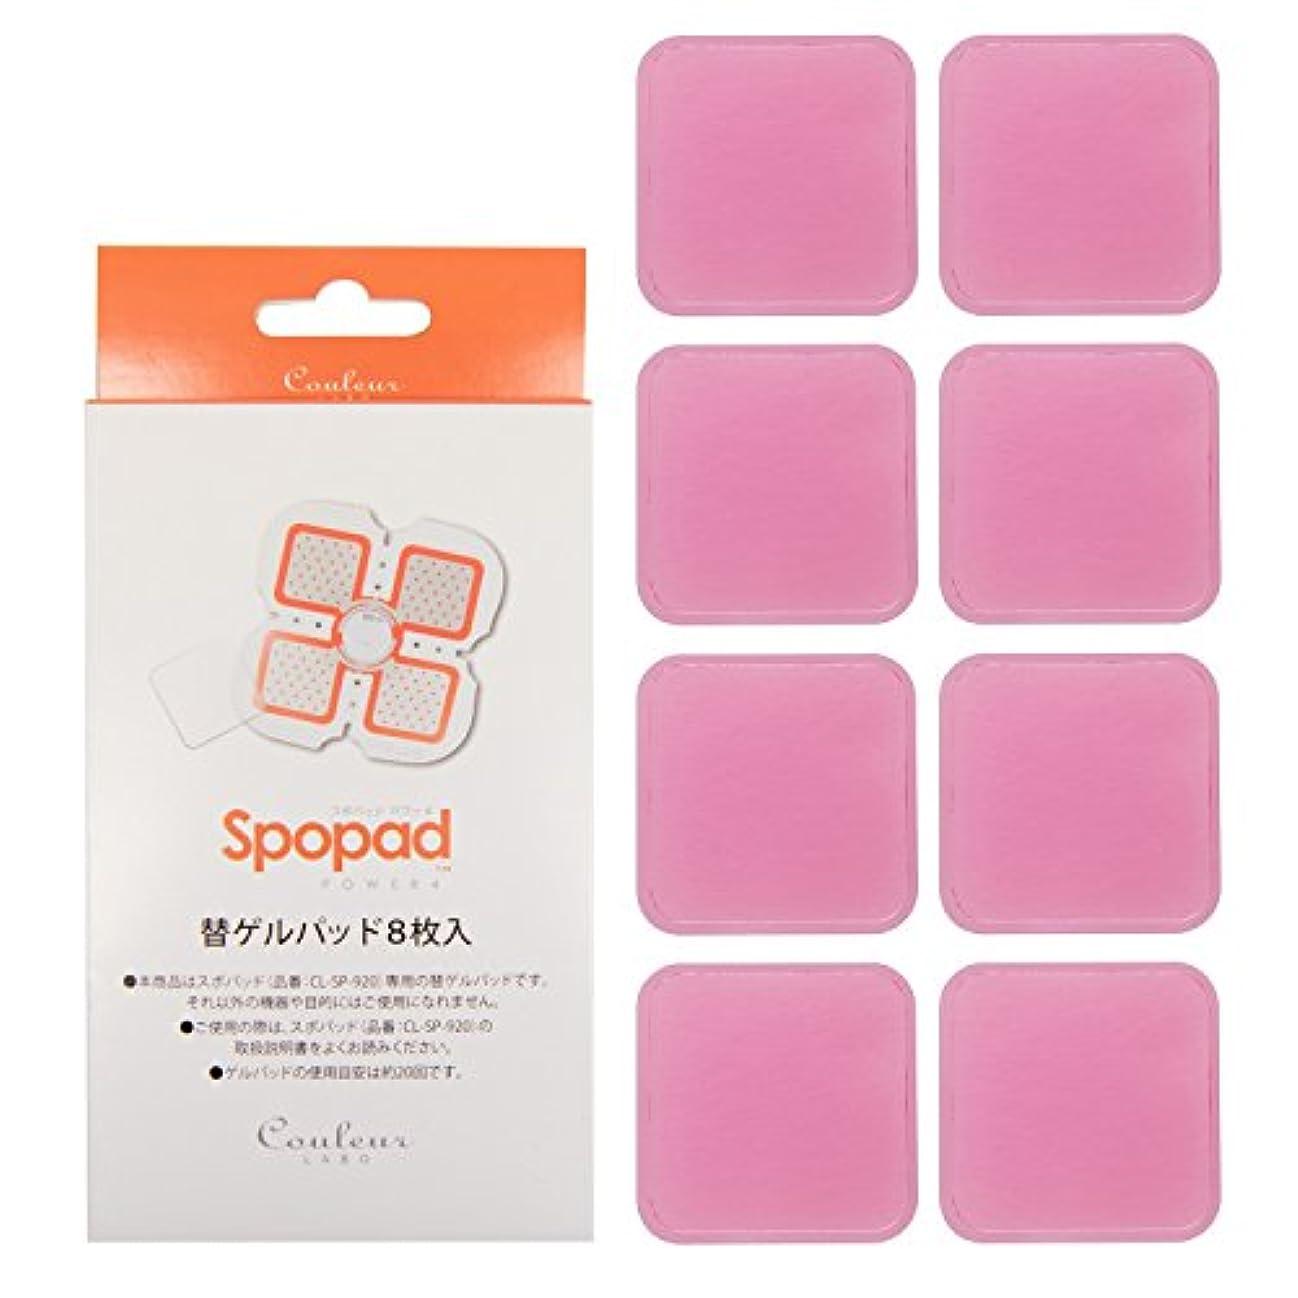 シーン自発定期的にSPOPAD POWER4(スポパッドパワー4)専用替ゲルパッド8枚入り